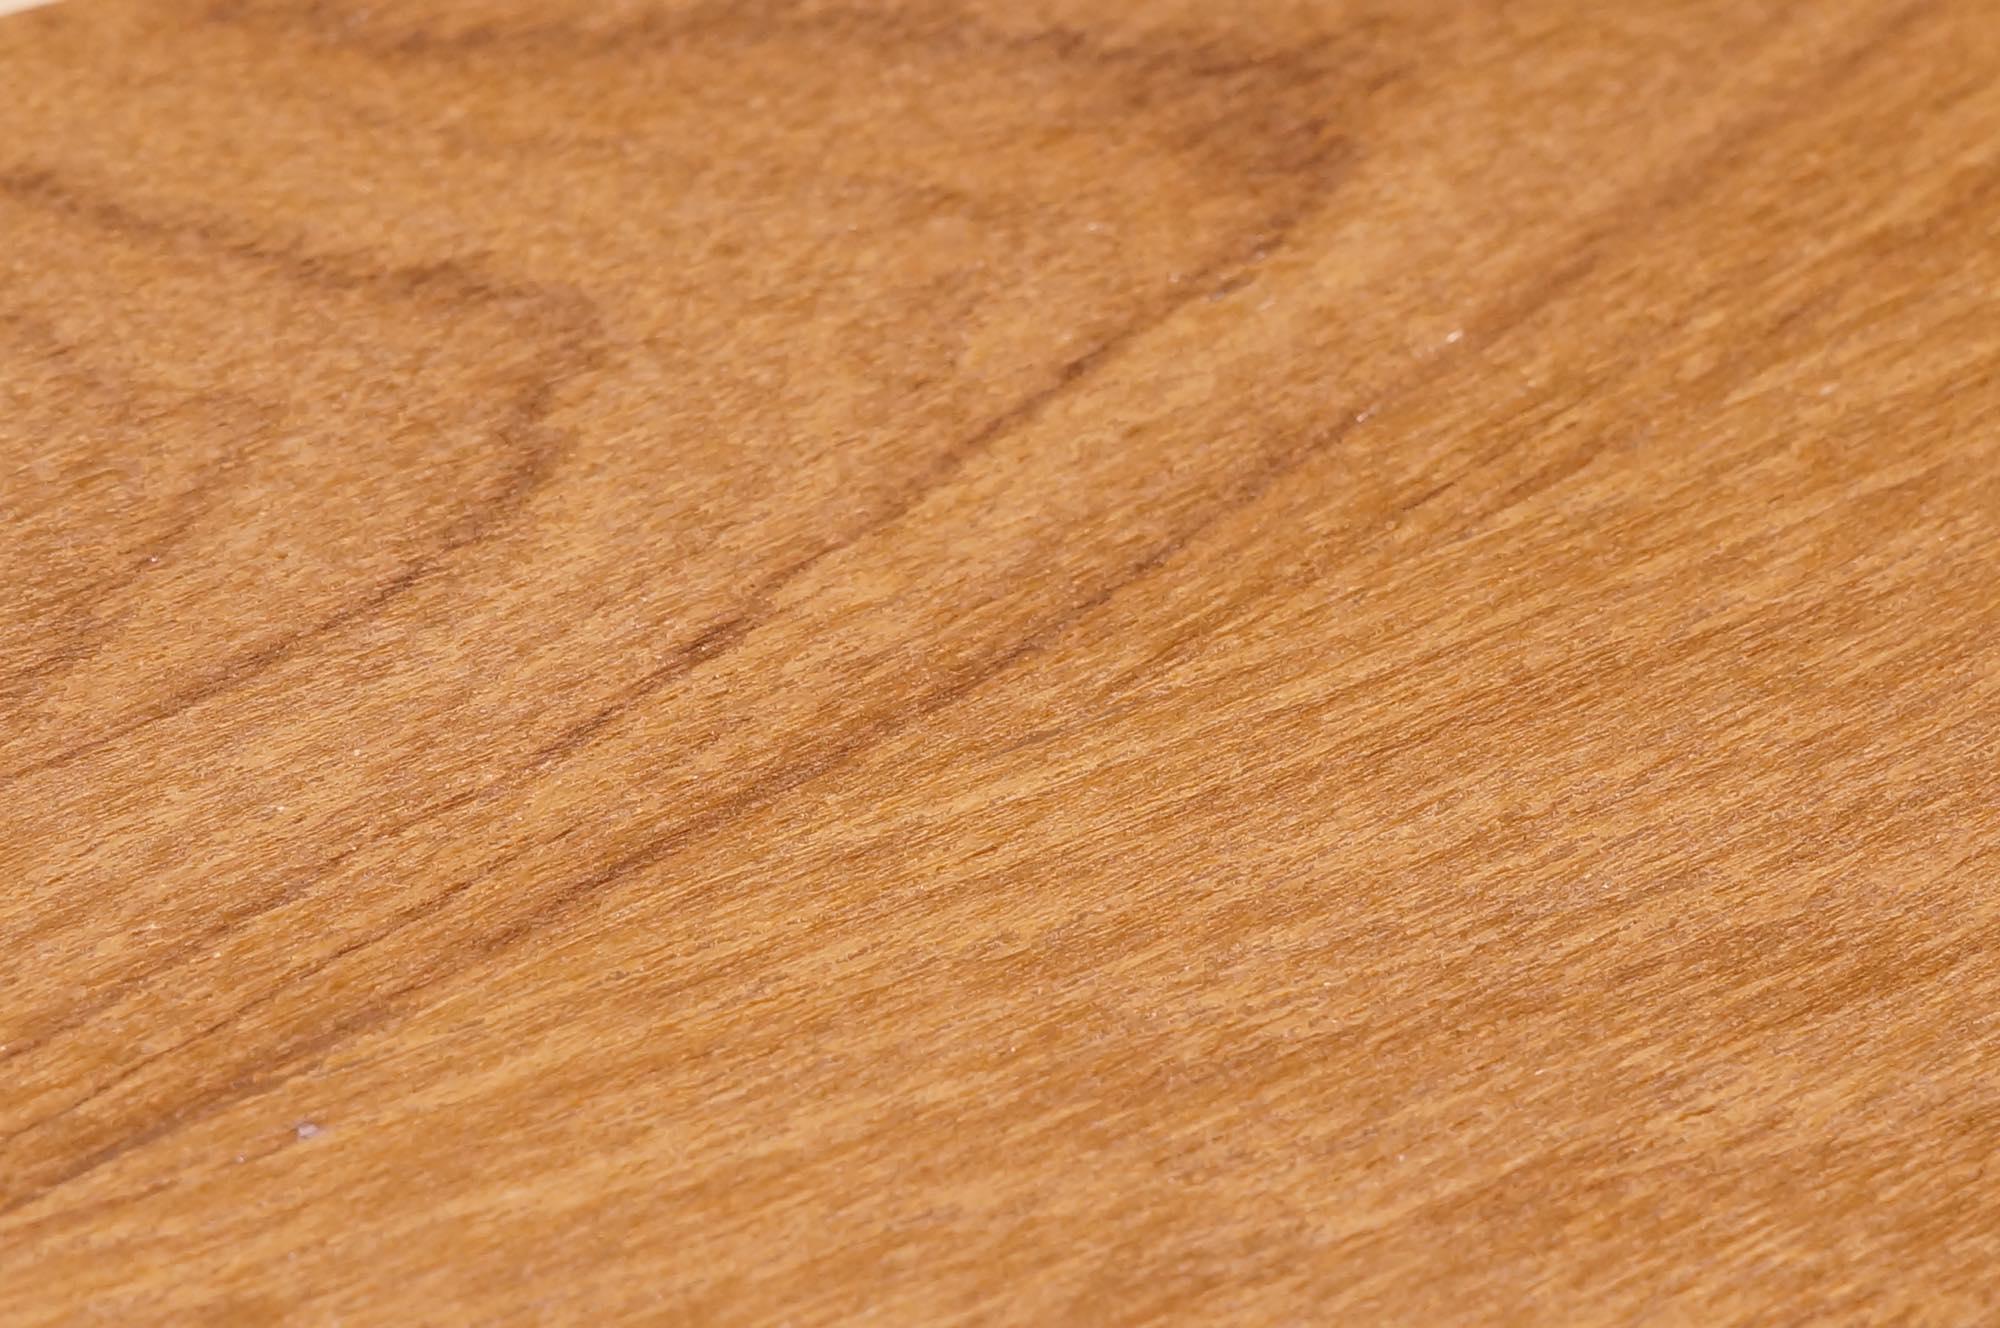 macbook-realwood-skin4